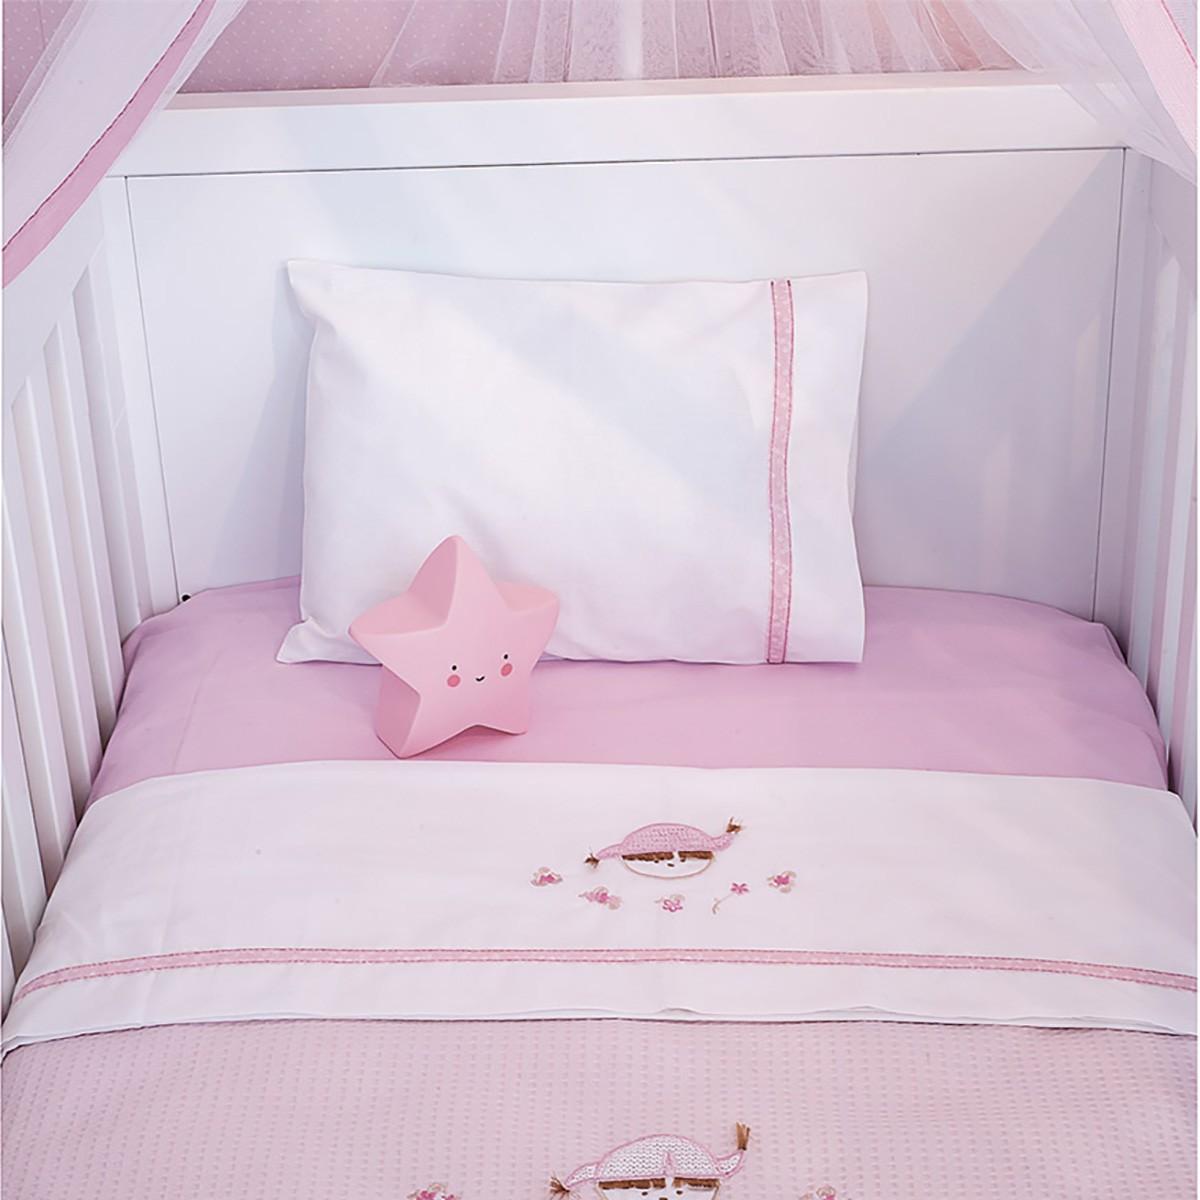 Σεντόνια Κούνιας (Σετ) Baby Oliver Pink Booboo Des 142